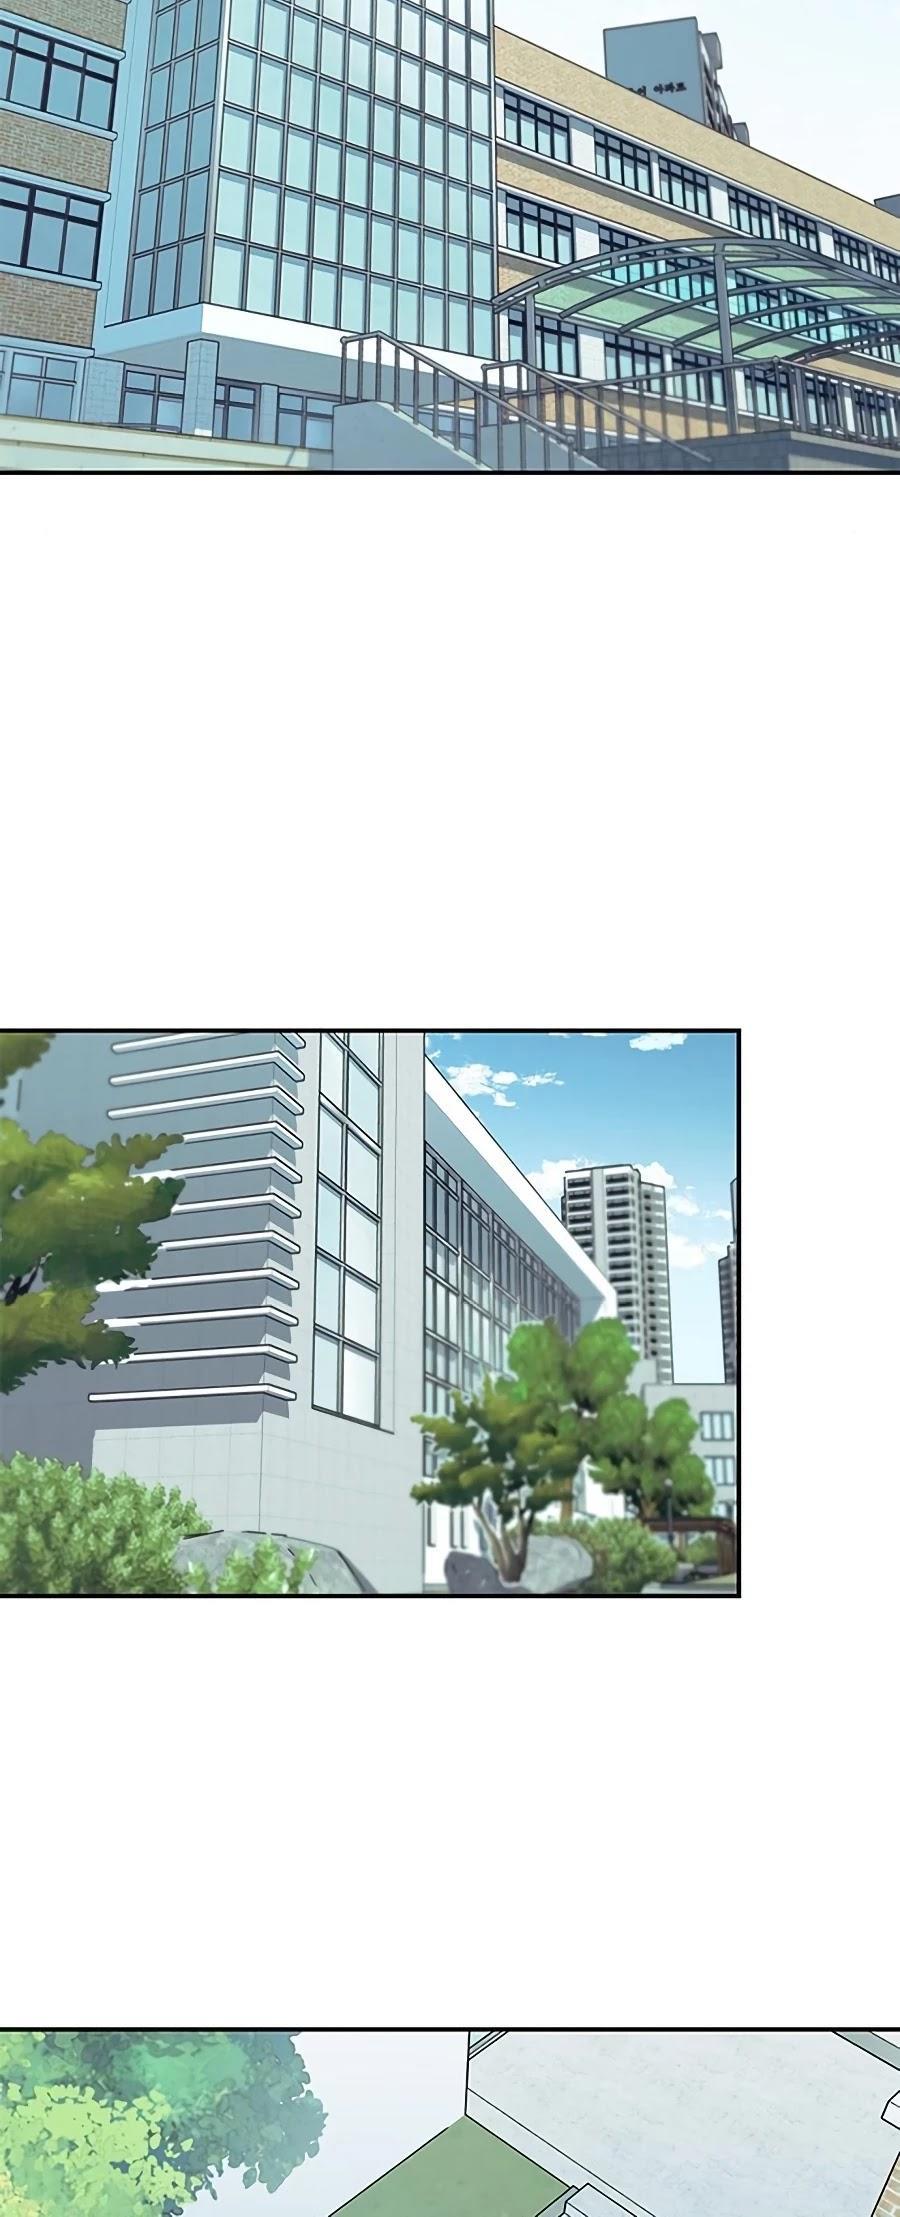 Villain To Kill Chapter 25 page 19 - Mangakakalots.com